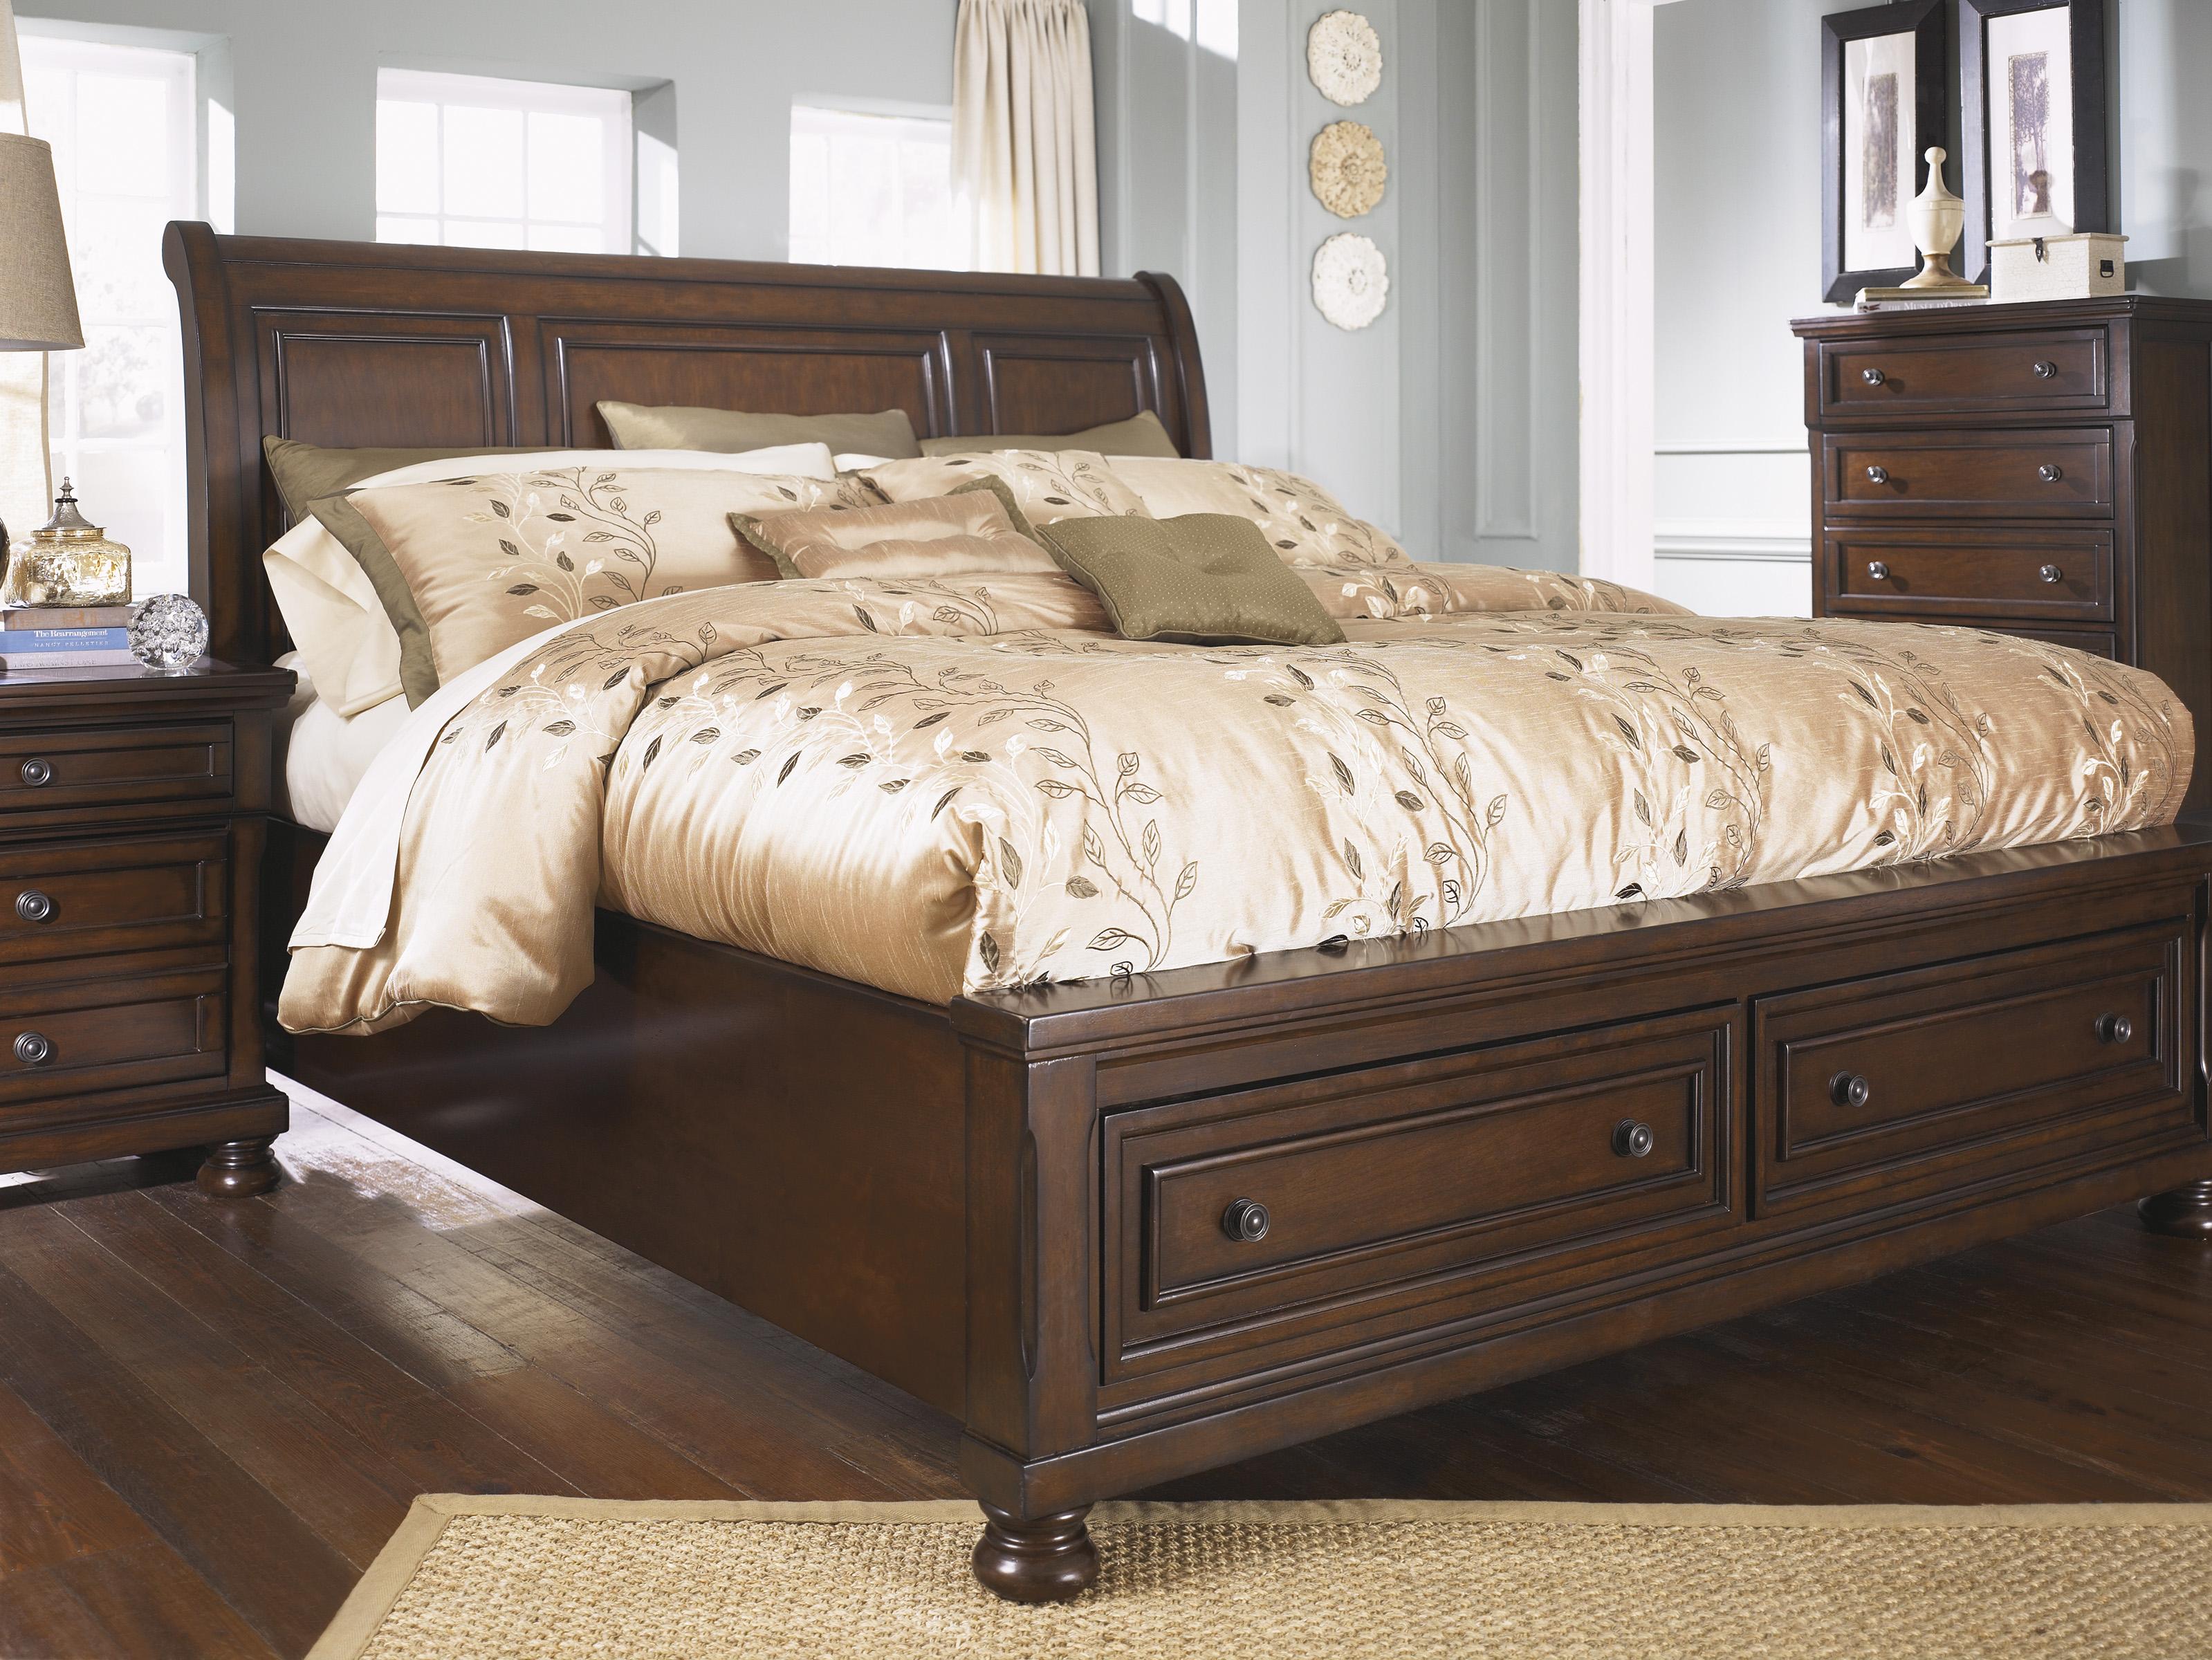 king sleigh bedroom sets. Porter 4 Piece Bedroom Set  Marjen of Chicago Discount